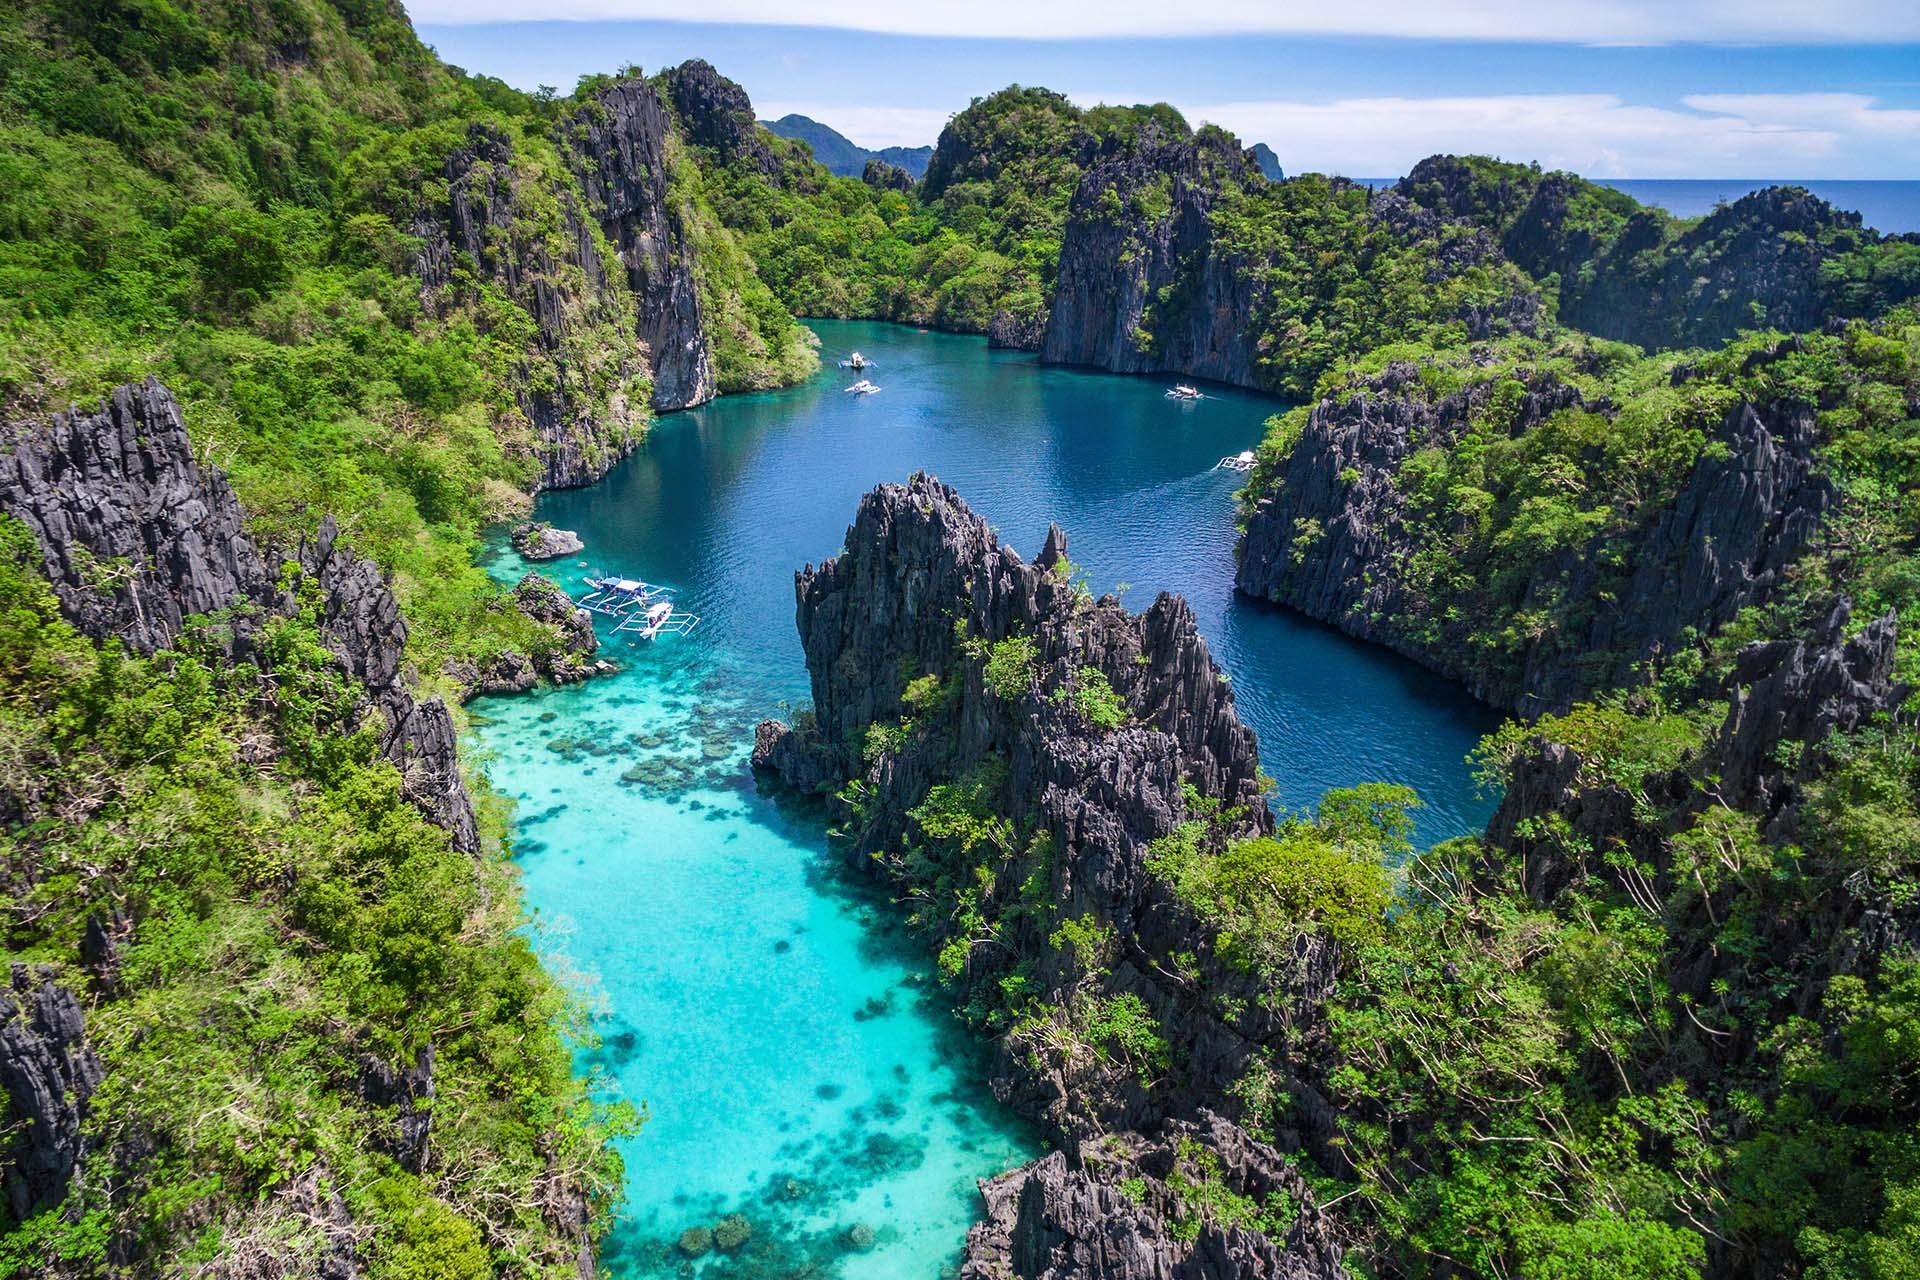 Con más de 7000 islas tropicales para elegir, Filipinas es una delicia para los amantes de la playa. Hay una isla para todos los gustos, desde manchas de arena abandonadas en medio del océano, hasta paisajes de fantasía volcánica que ocultan lagunas escondidas, hasta extensas mega islas como Luzón y Mindanao